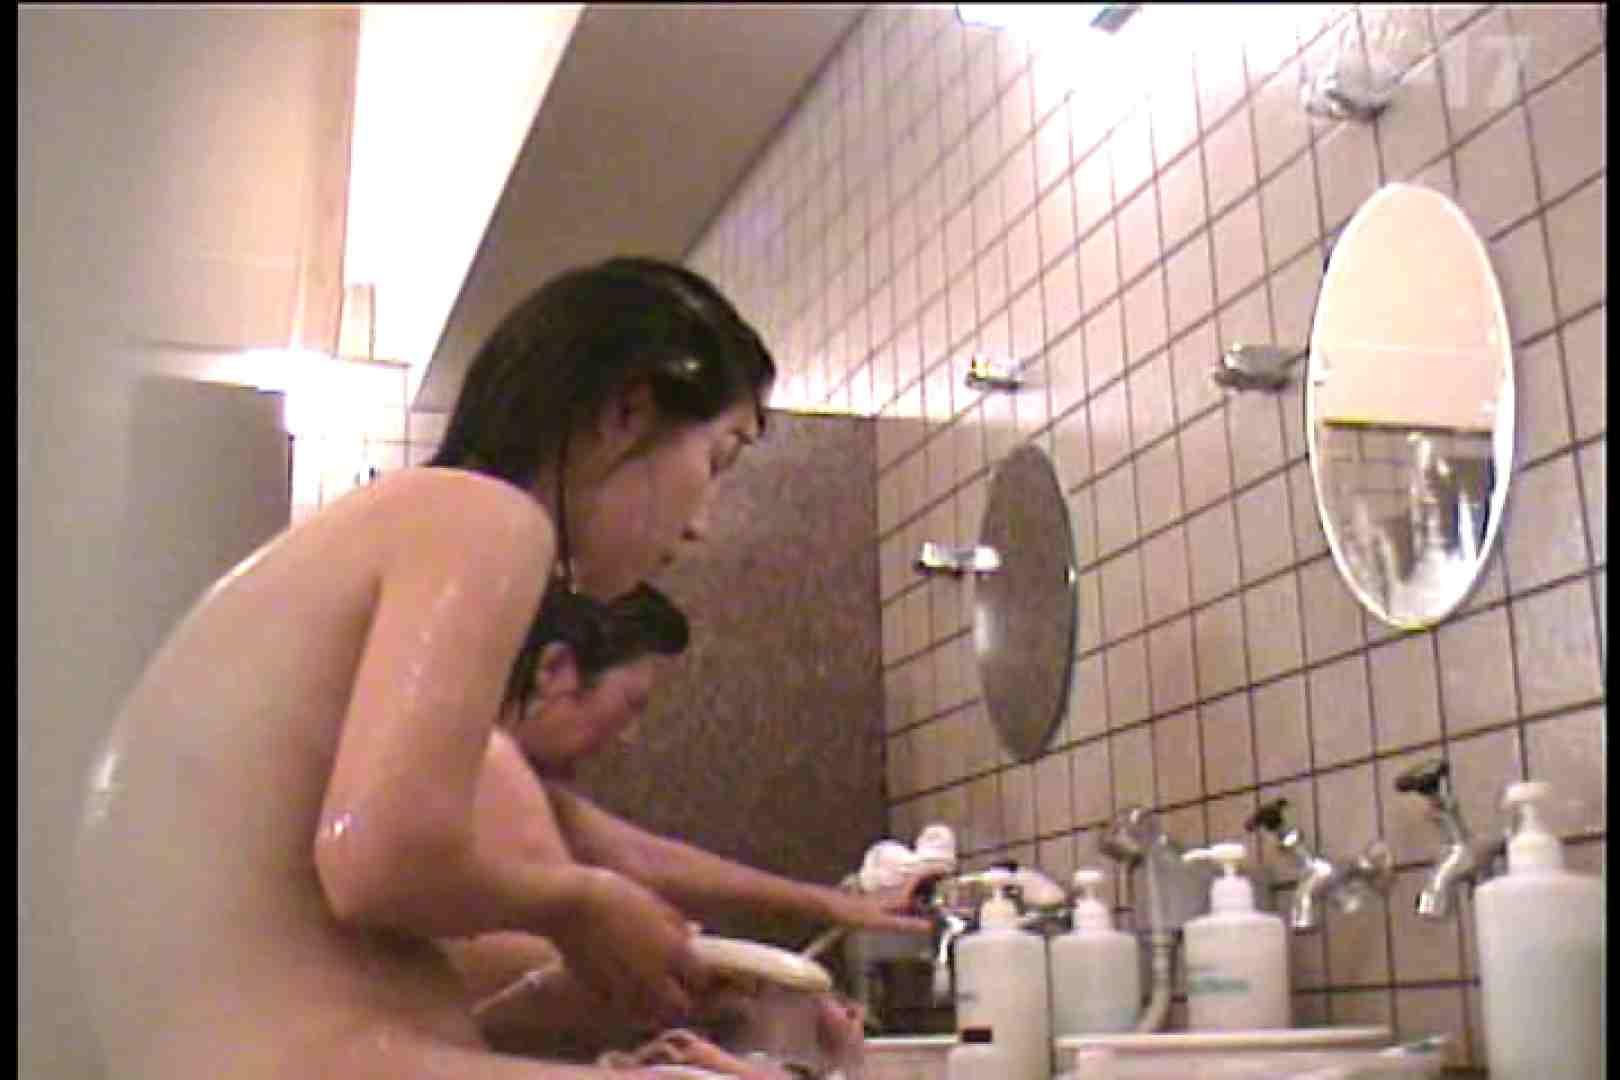 電波カメラ設置浴場からの防HAN映像 Vol.17 盛合せ AV動画キャプチャ 77画像 33